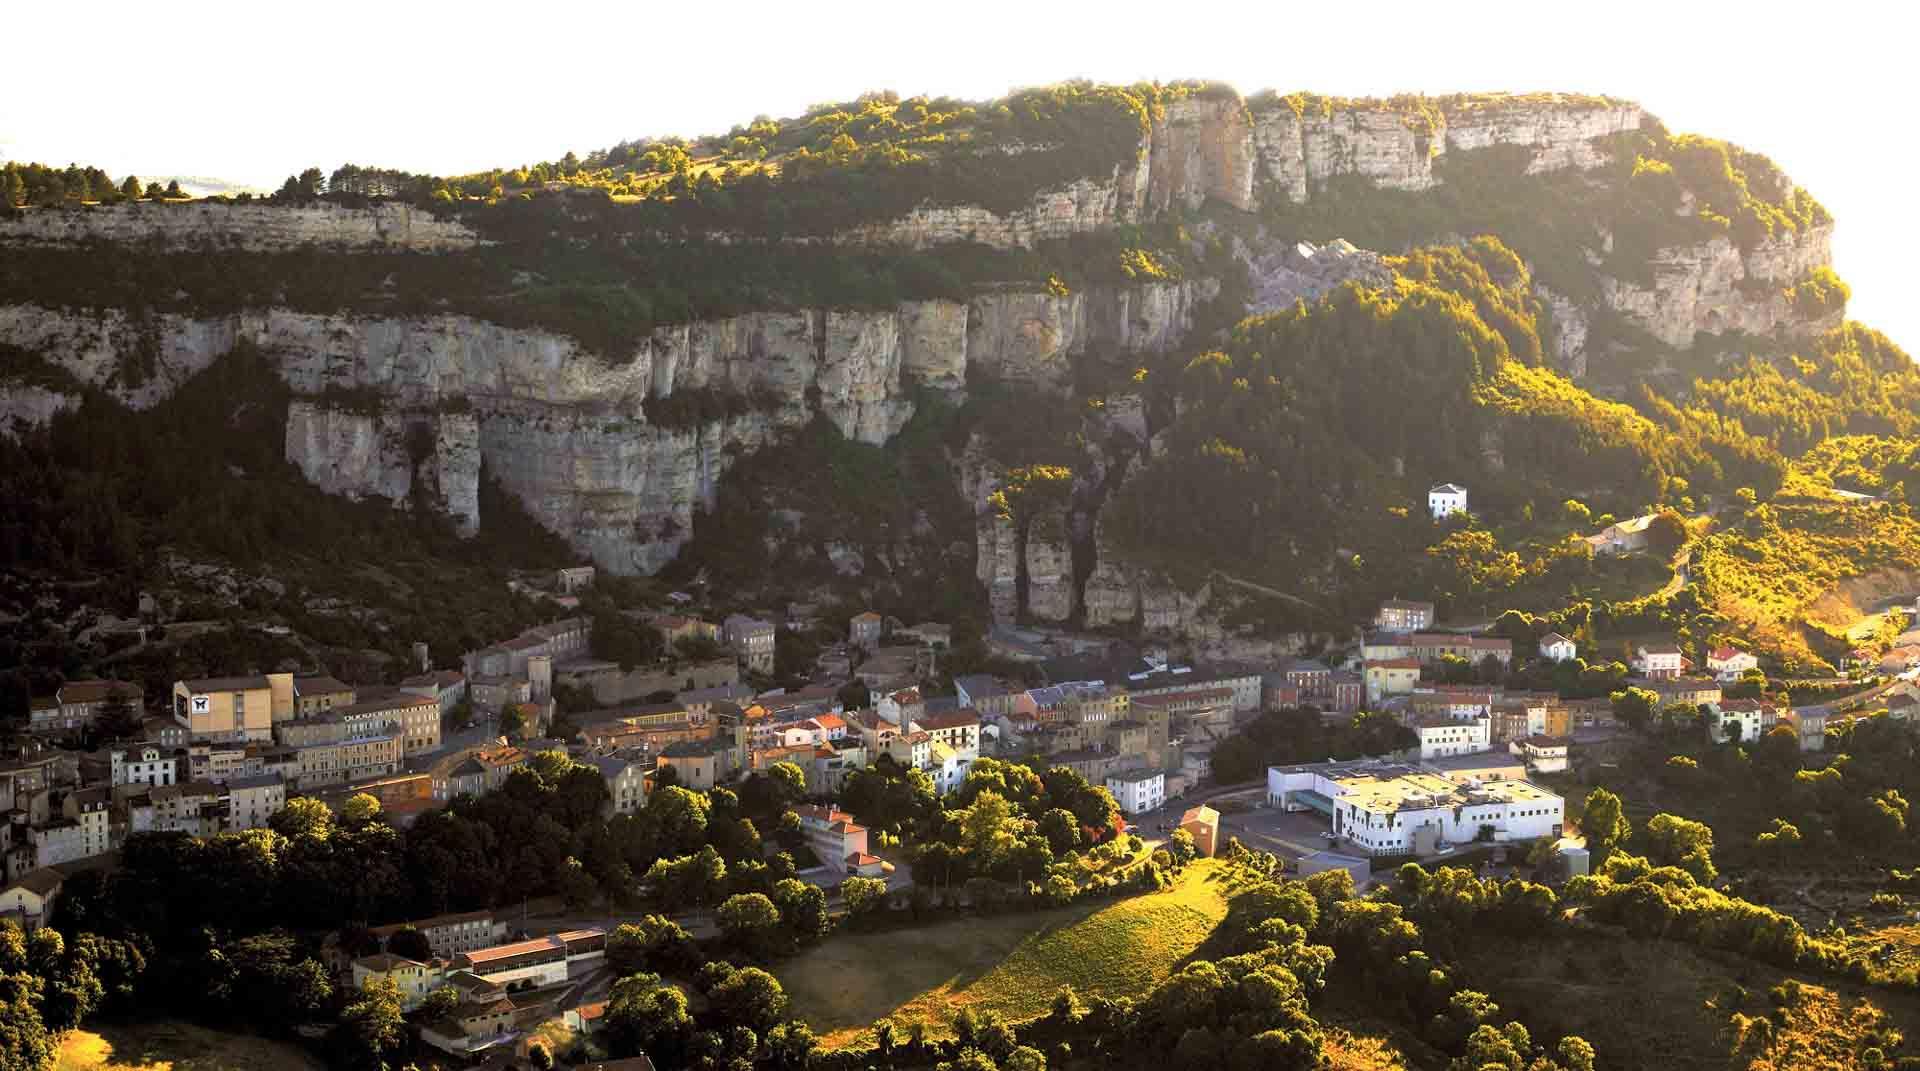 Roquefort et ses falaises creusées de caves © Domi Martin Millau